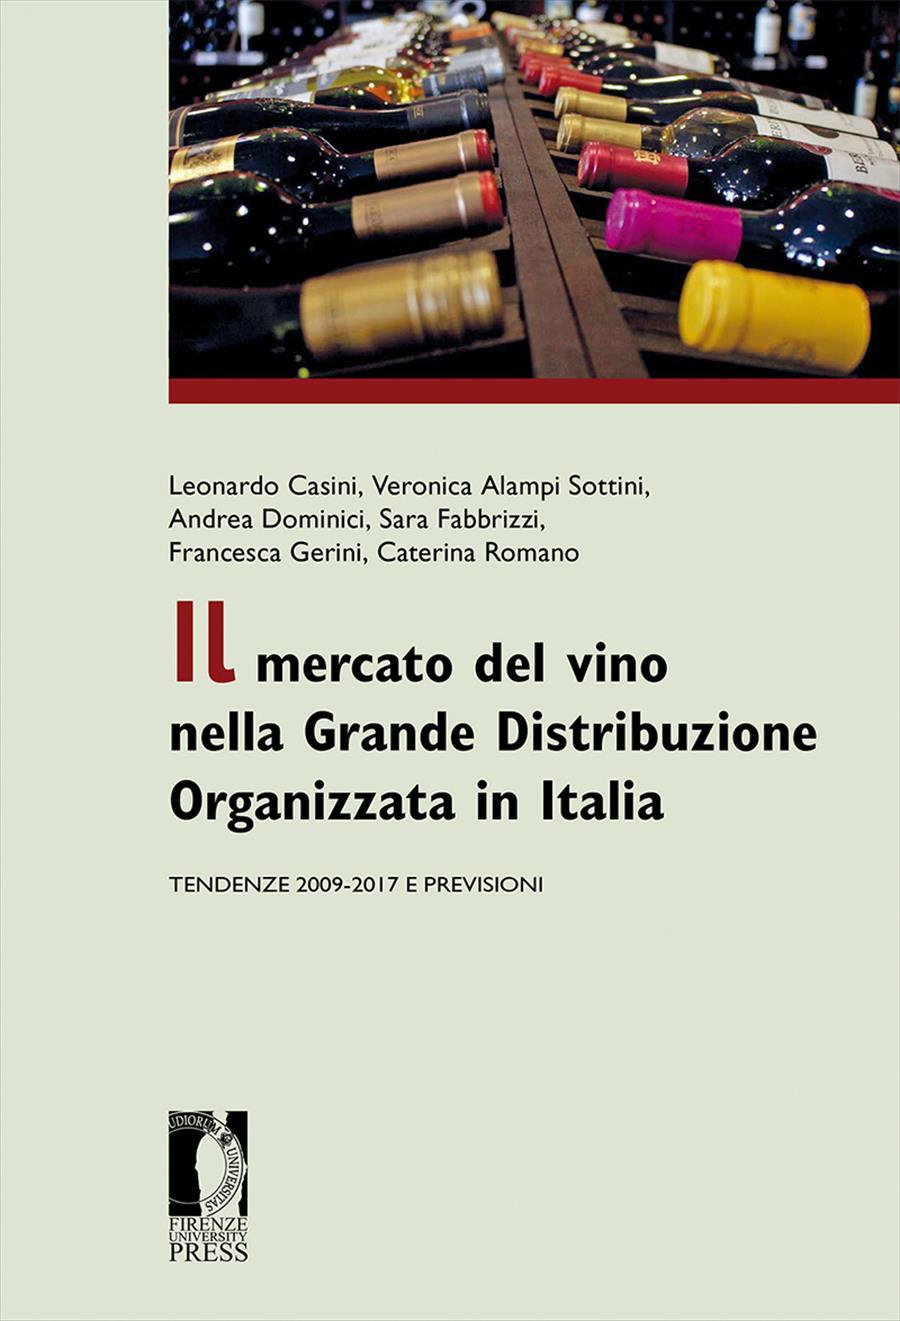 Il mercato del vino nella Grande Distribuzione Organizzata in Italia